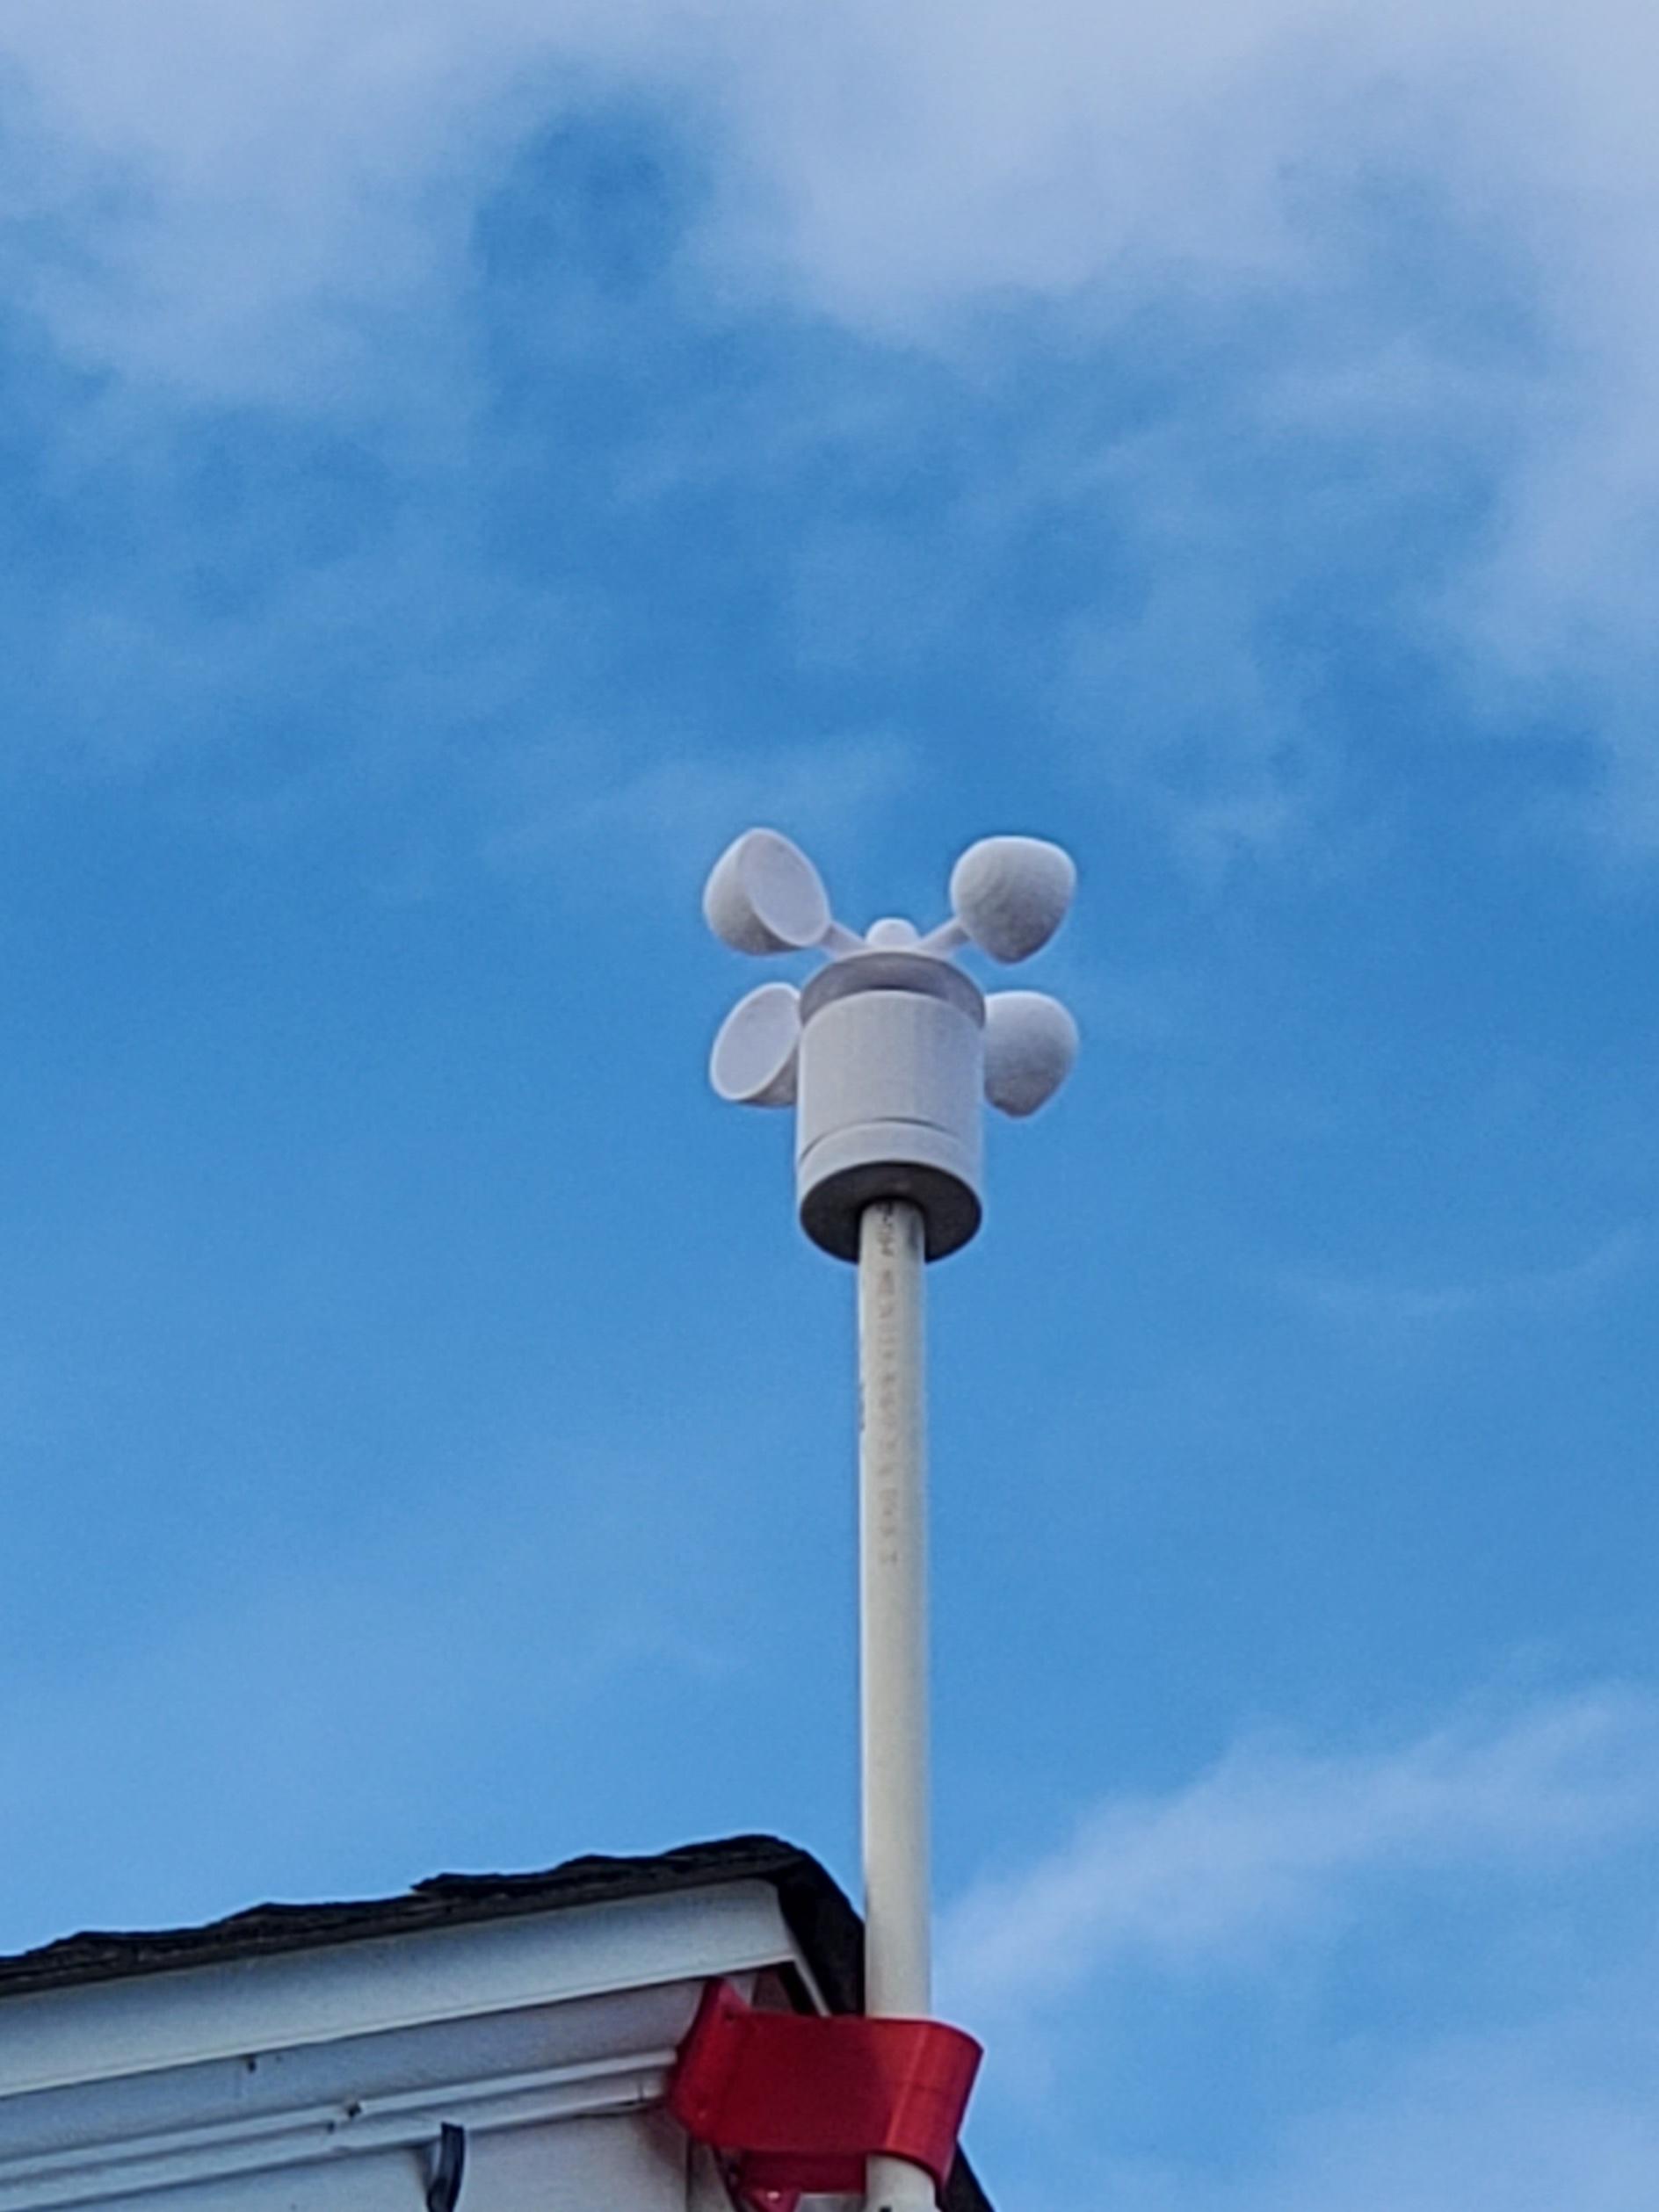 20191224_133359.jpg Télécharger fichier STL gratuit Indicateur de vitesse du vent - Anémomètre V2.0 • Design à imprimer en 3D, shermluge